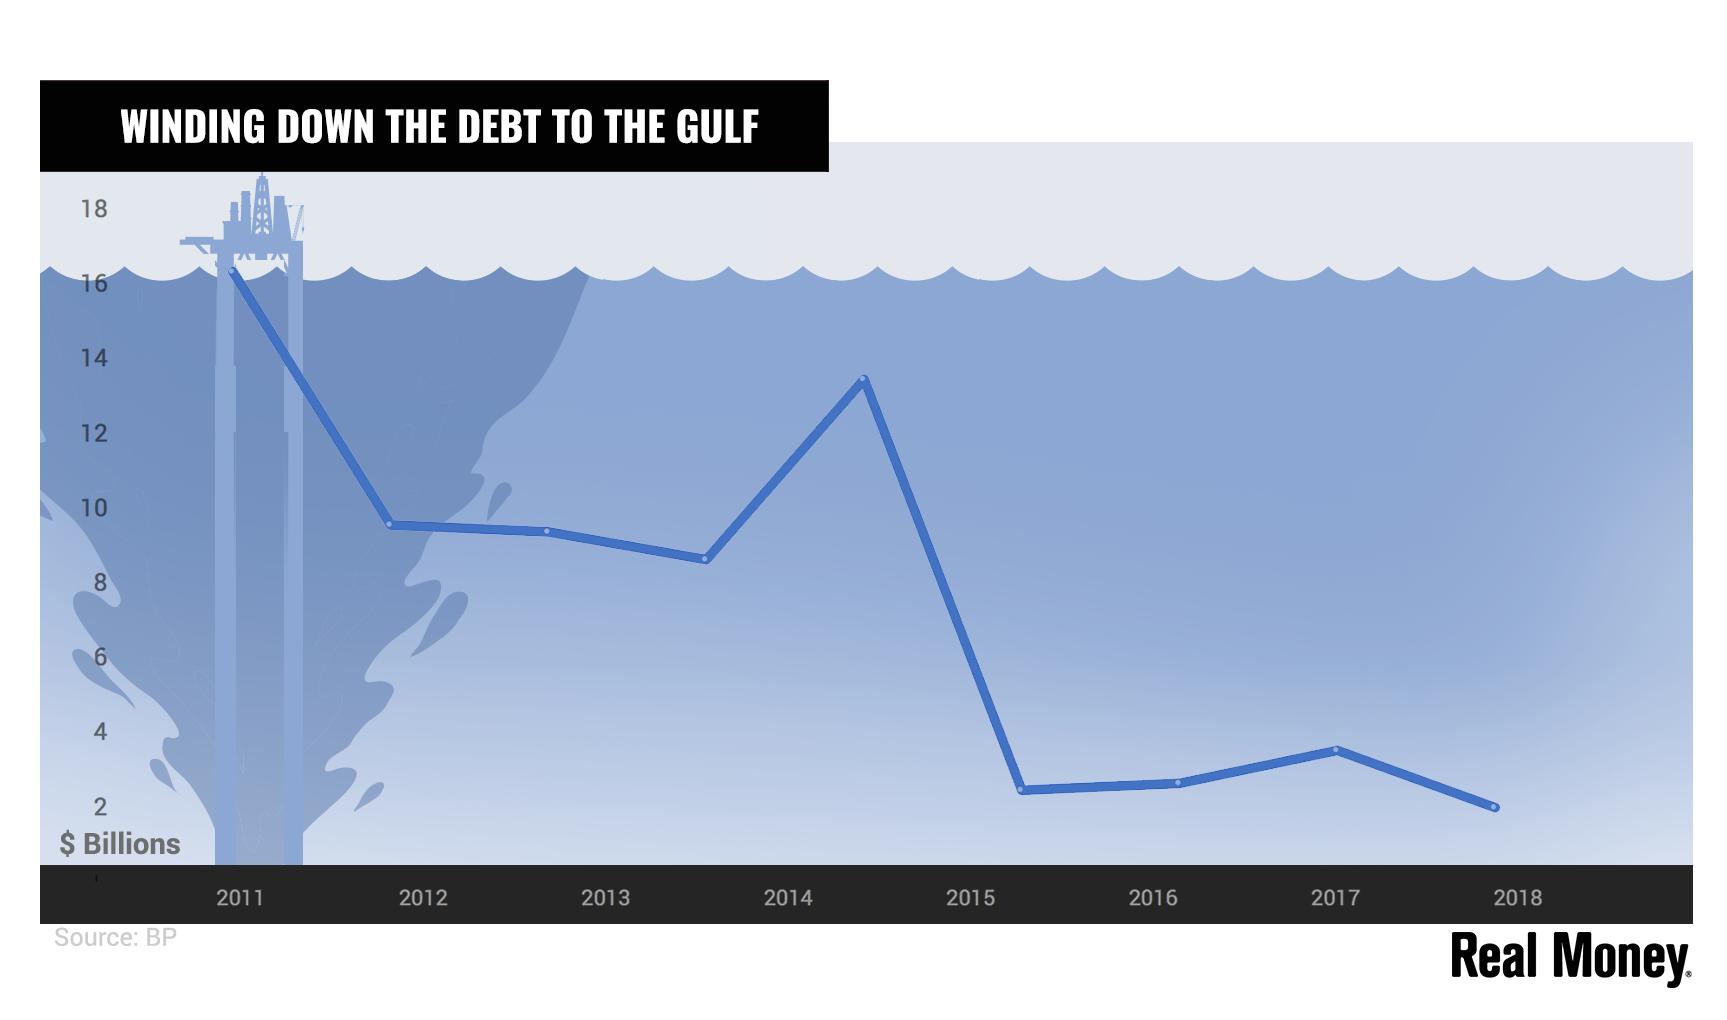 英国石油公司正在逐渐减少基准线债务,但市场仍然保持警惕